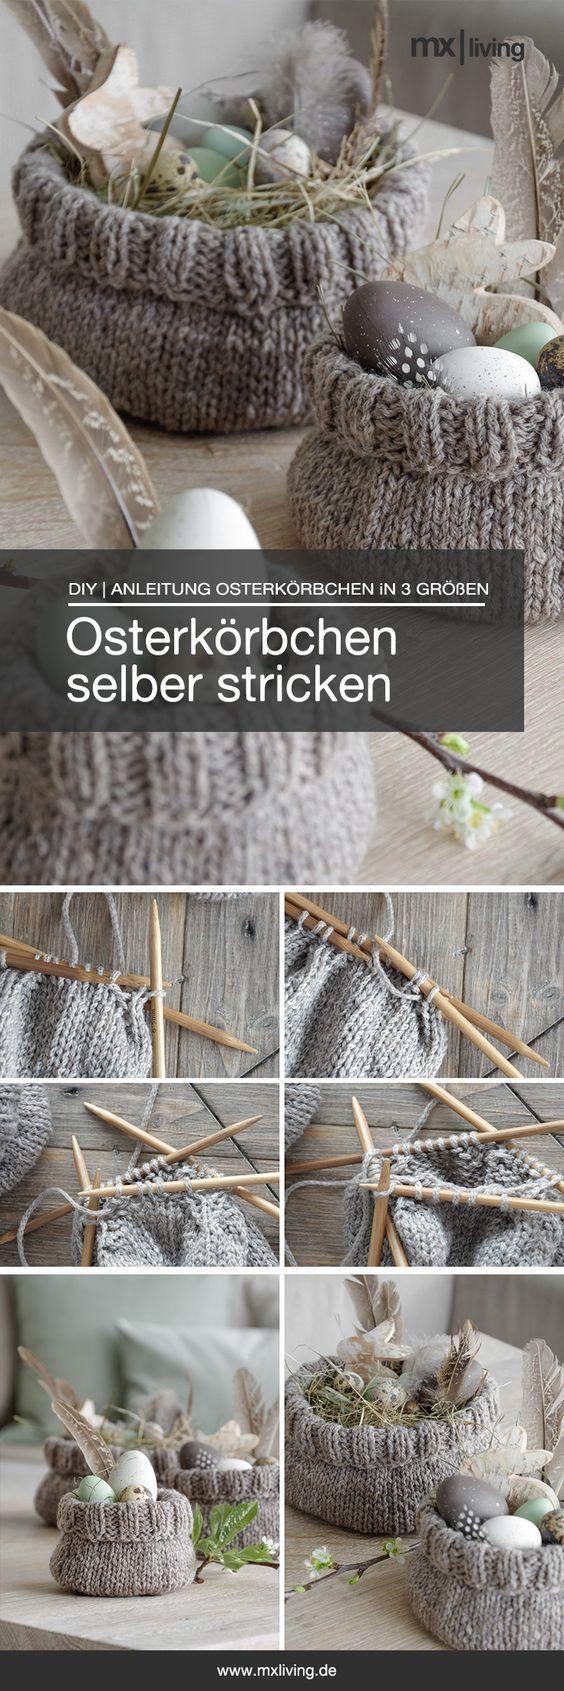 Photo of DIY | süße Osterkörbchen selber angeschlagen – mxliving